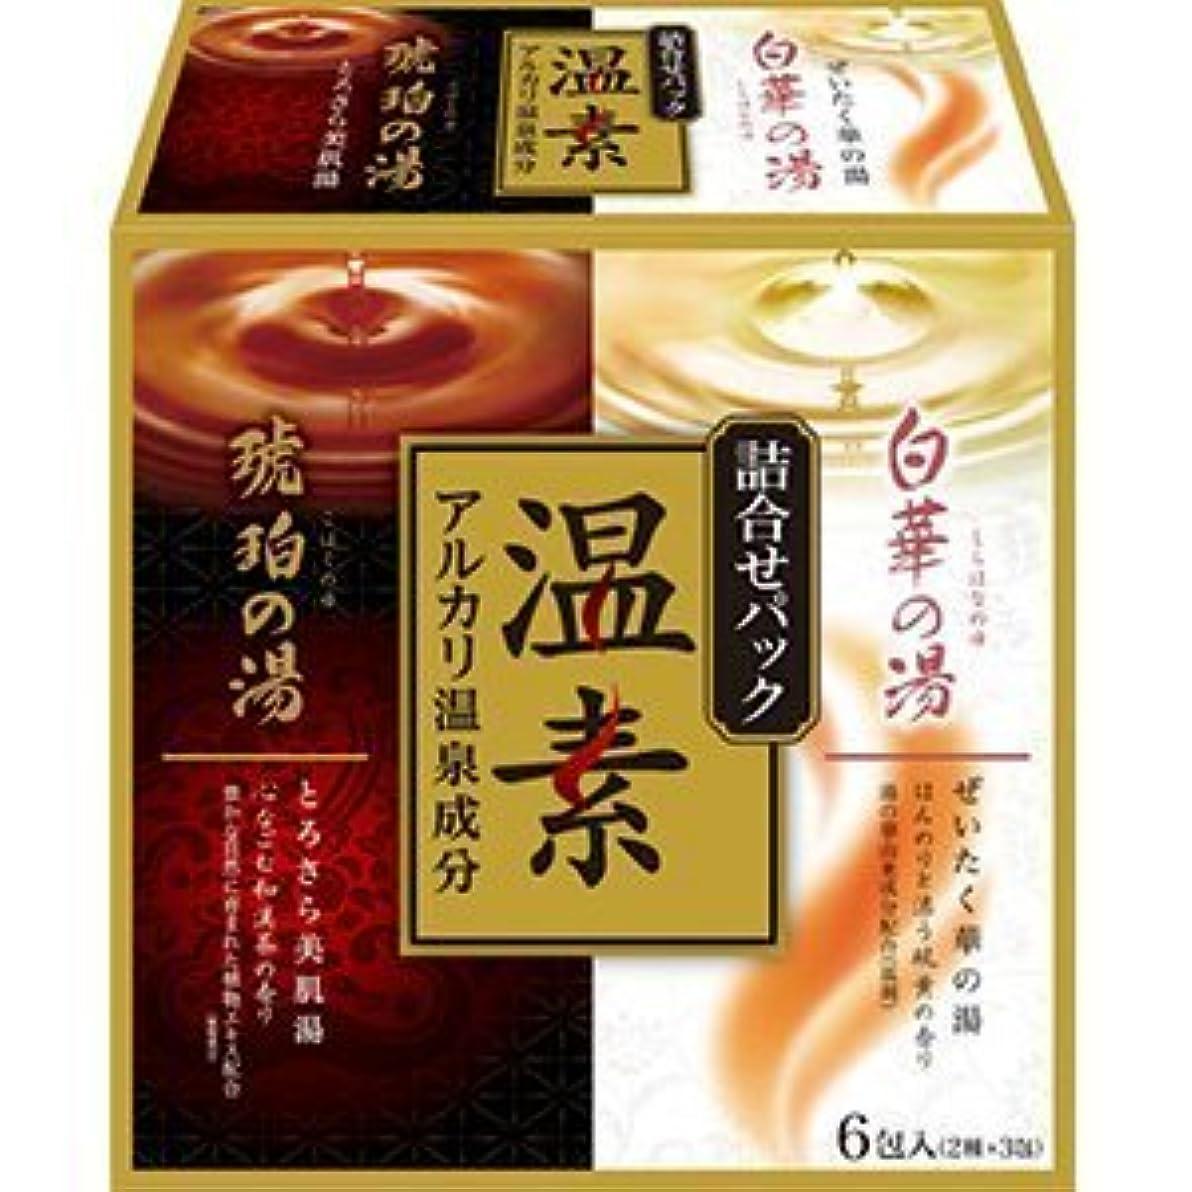 有益自然頬骨温素 琥珀の湯&白華の湯 詰合せパック × 3個セット